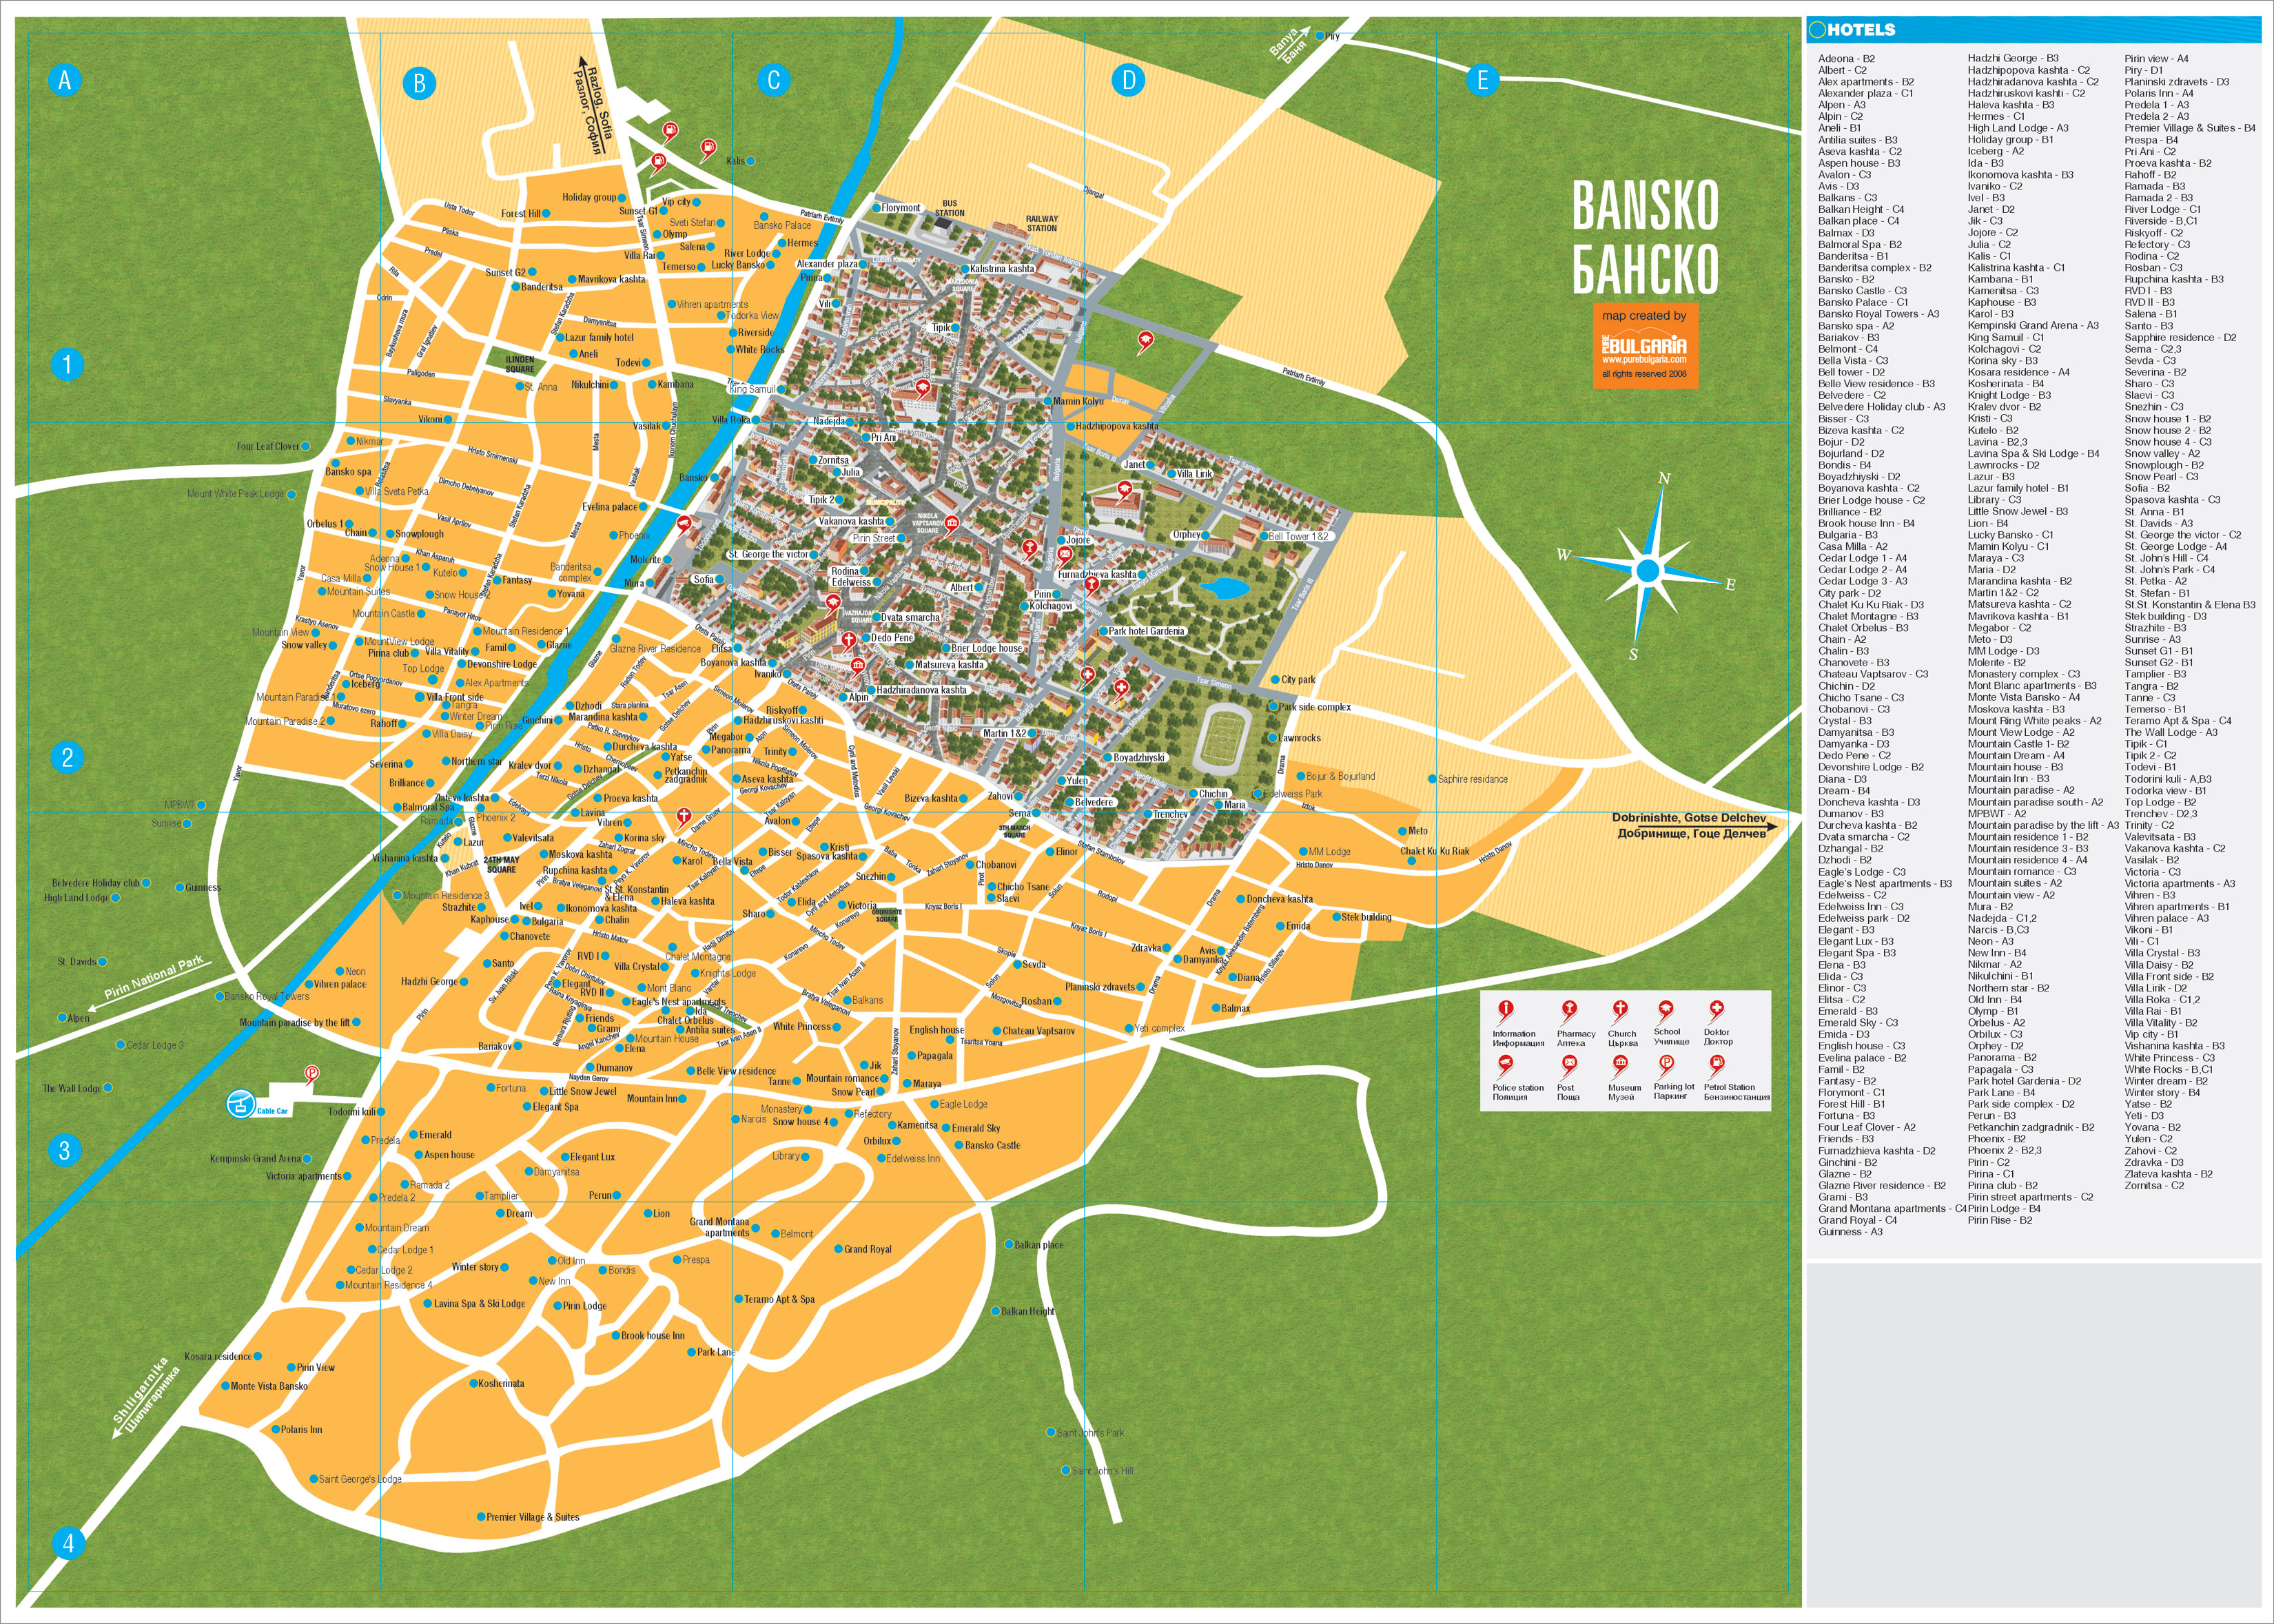 Bansko, city map, Bulgaria